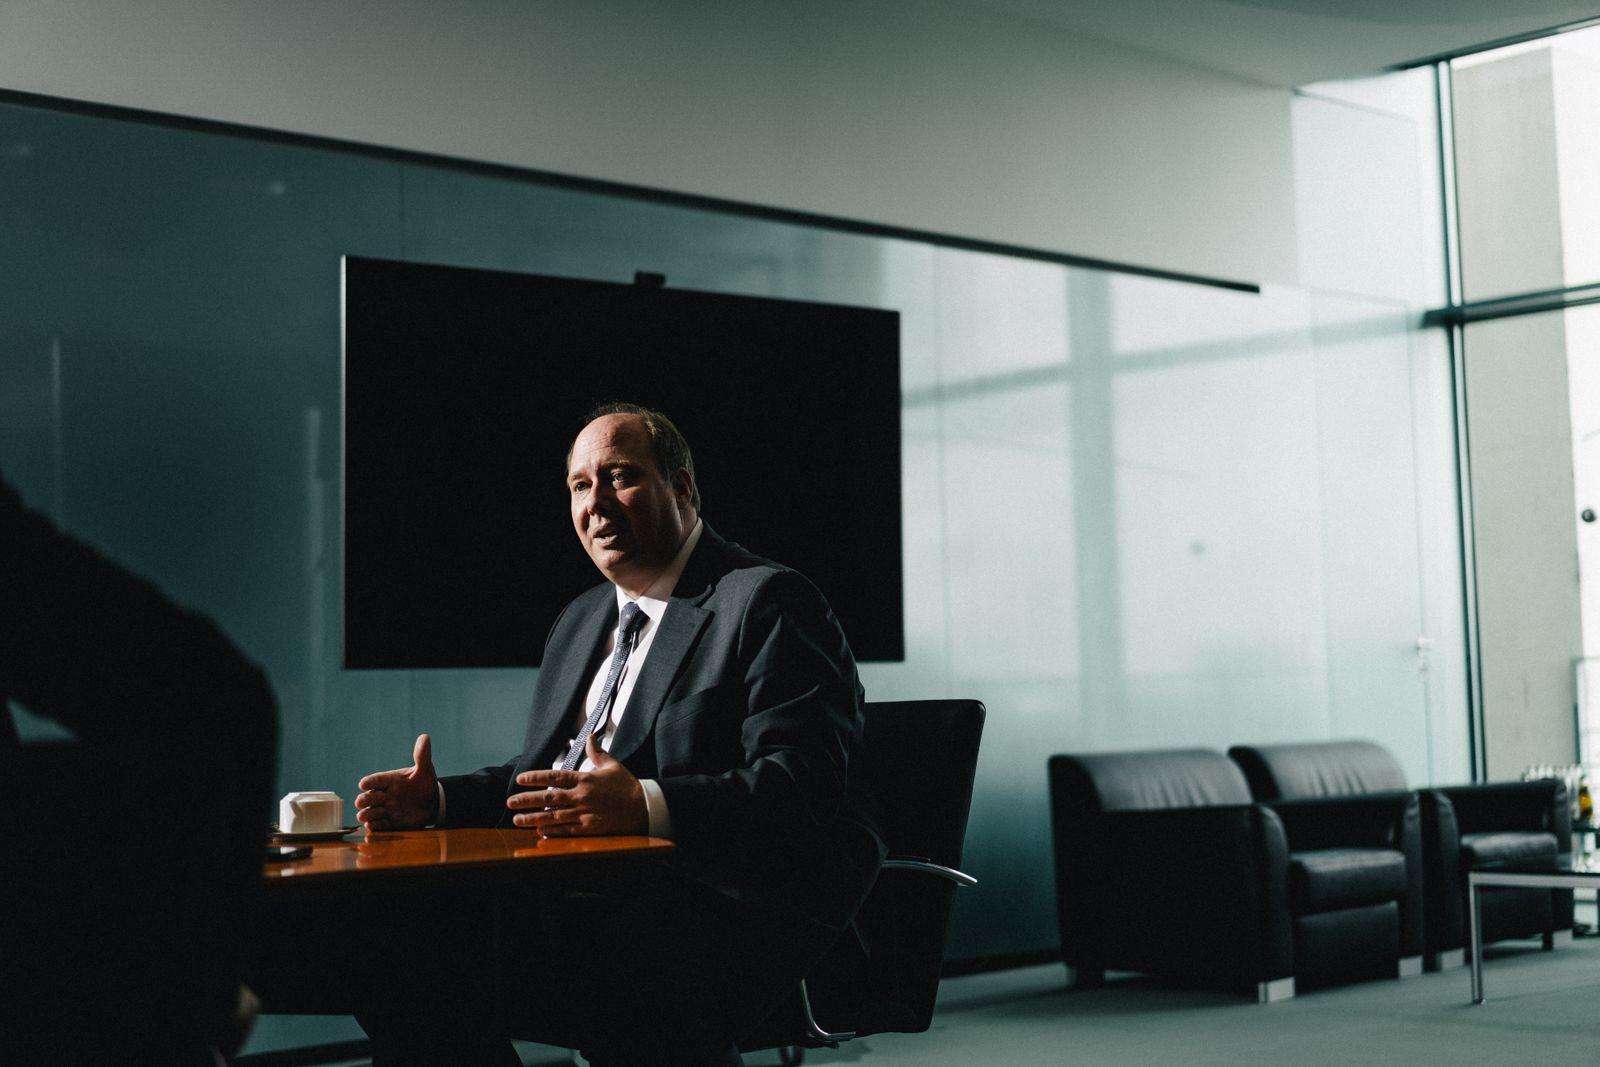 Helge Braun, CDU, Chef des Bundeskanzleramts, Bundesminister für besondere Aufgaben unter Angela Merkel, in seinem Büro im Kanzleramt